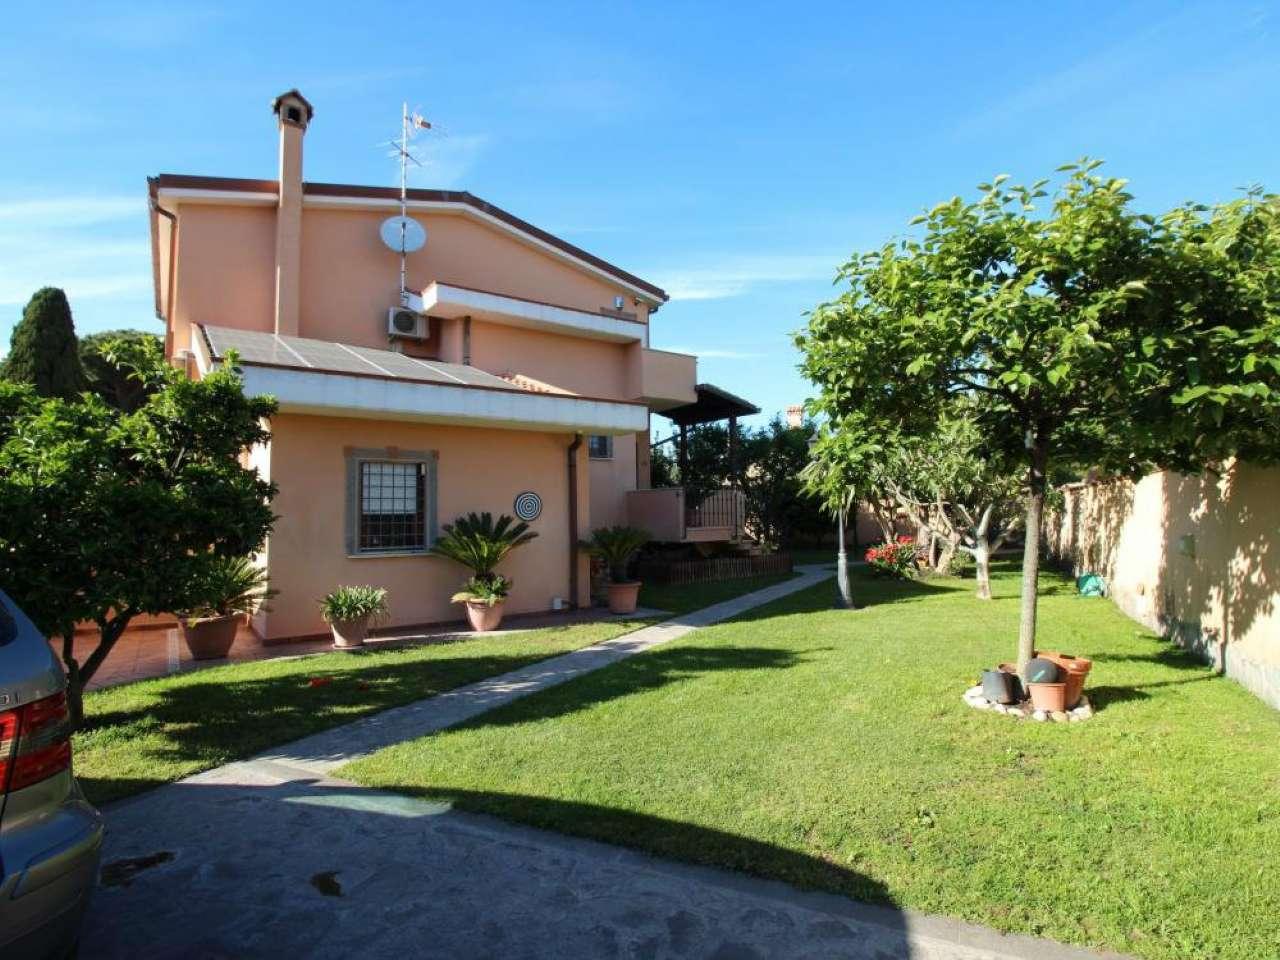 Villa Bifamiliare in vendita 5 vani 185 mq.  via  Alessandro Rolla Roma